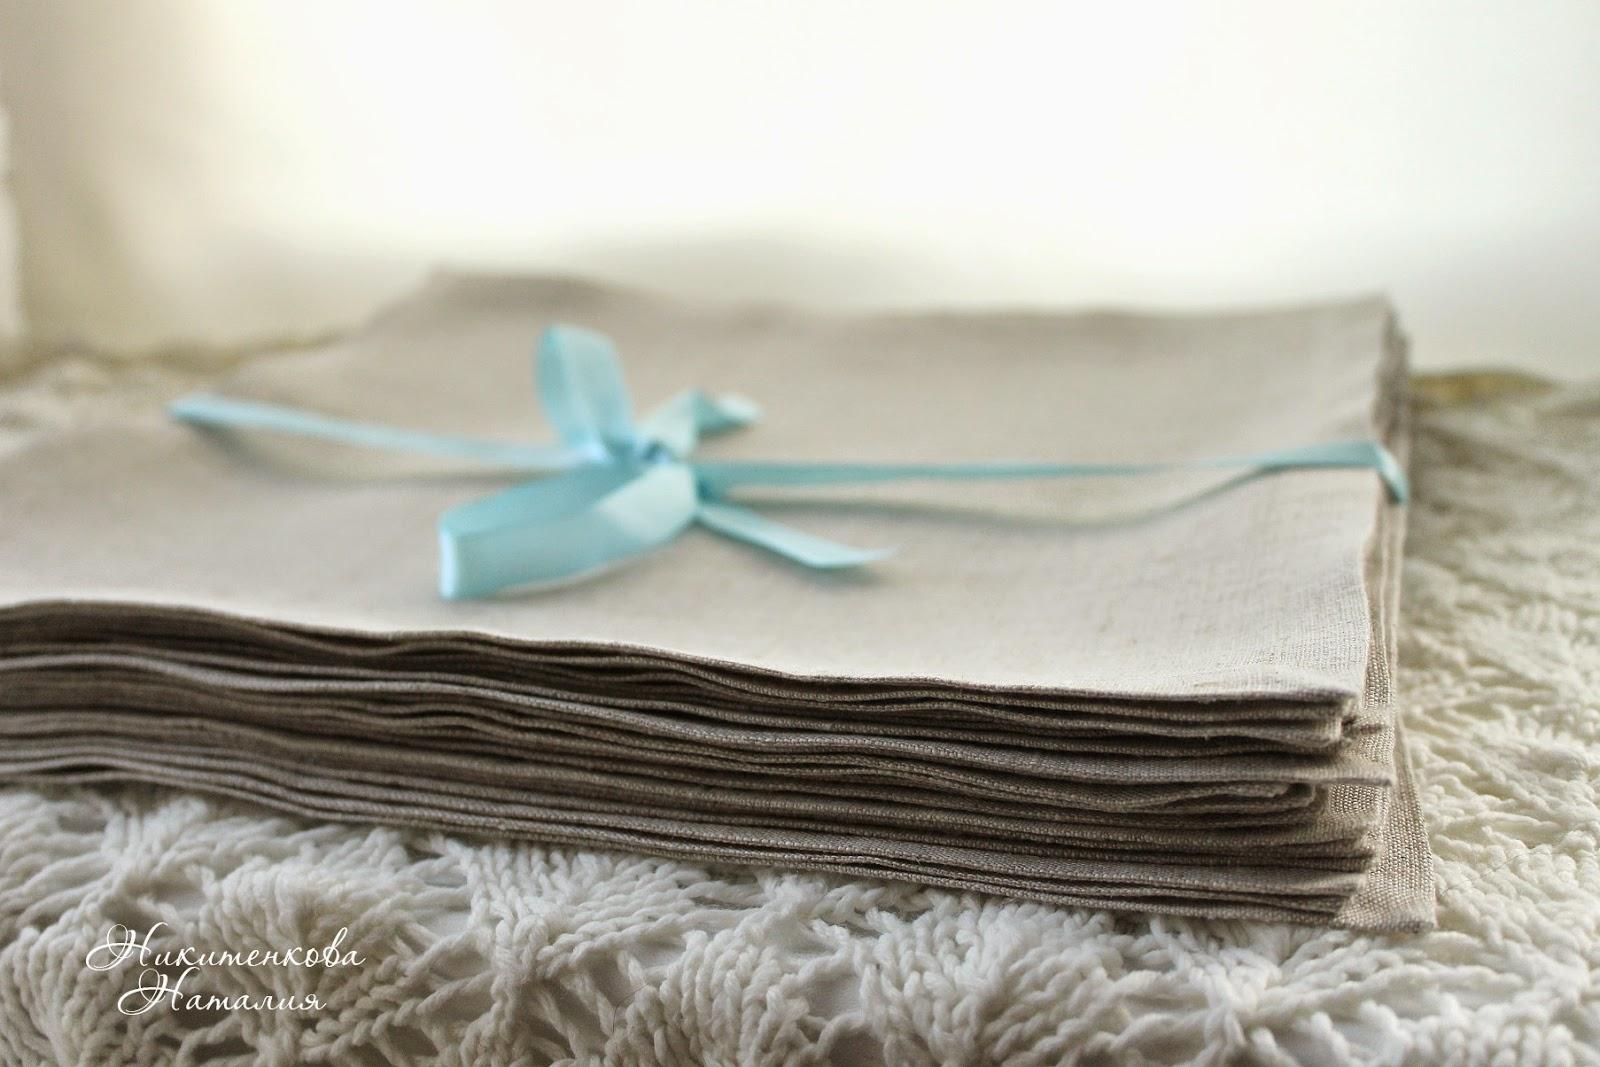 Льняные салфетки, салфетки красиво, салфетки фото, столовое белье, салфетки лен